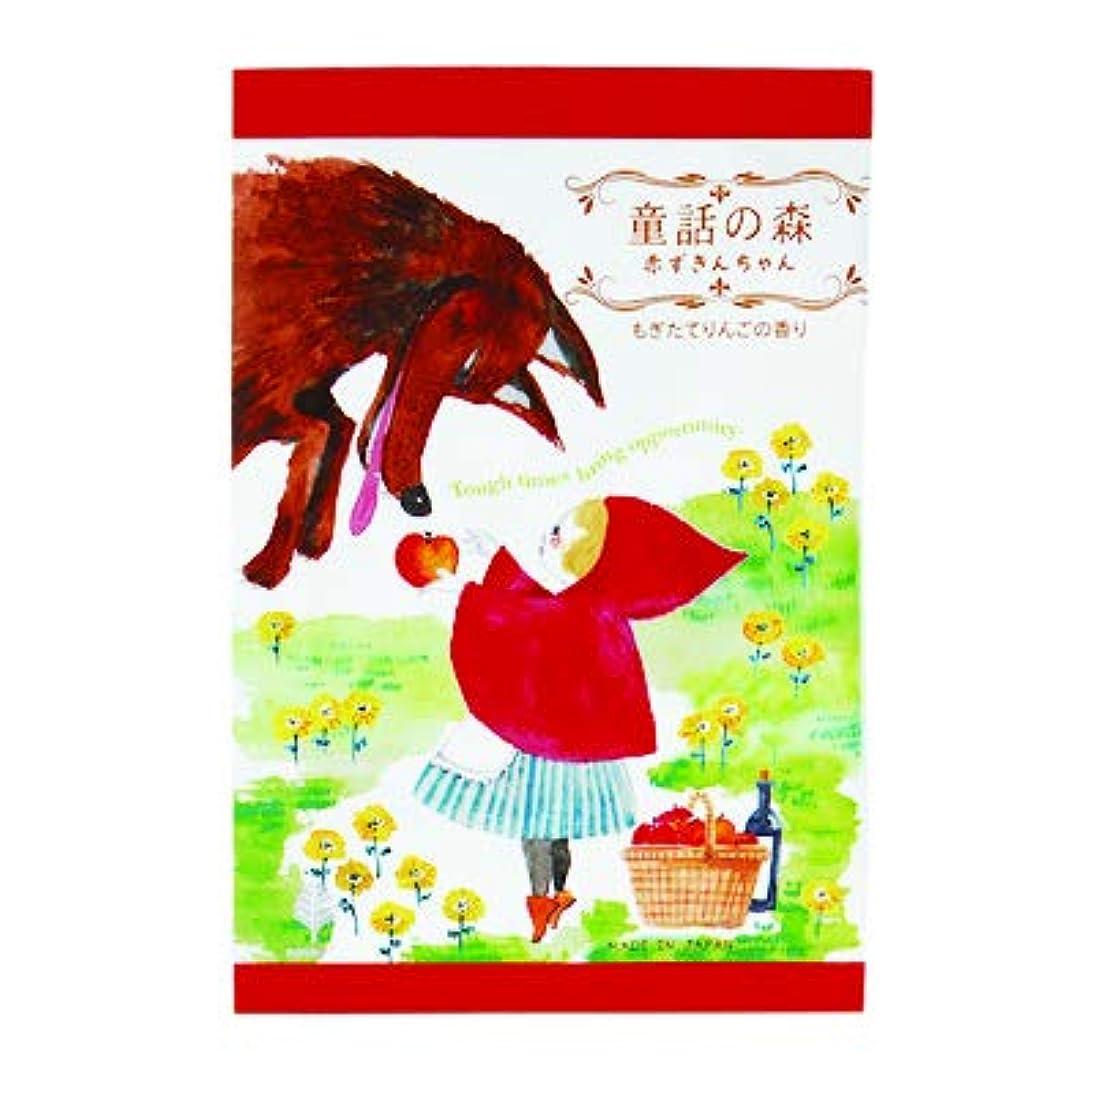 誘うぴったり側溝【まとめ買い6個セット】 童話の森 赤ずきんちゃん